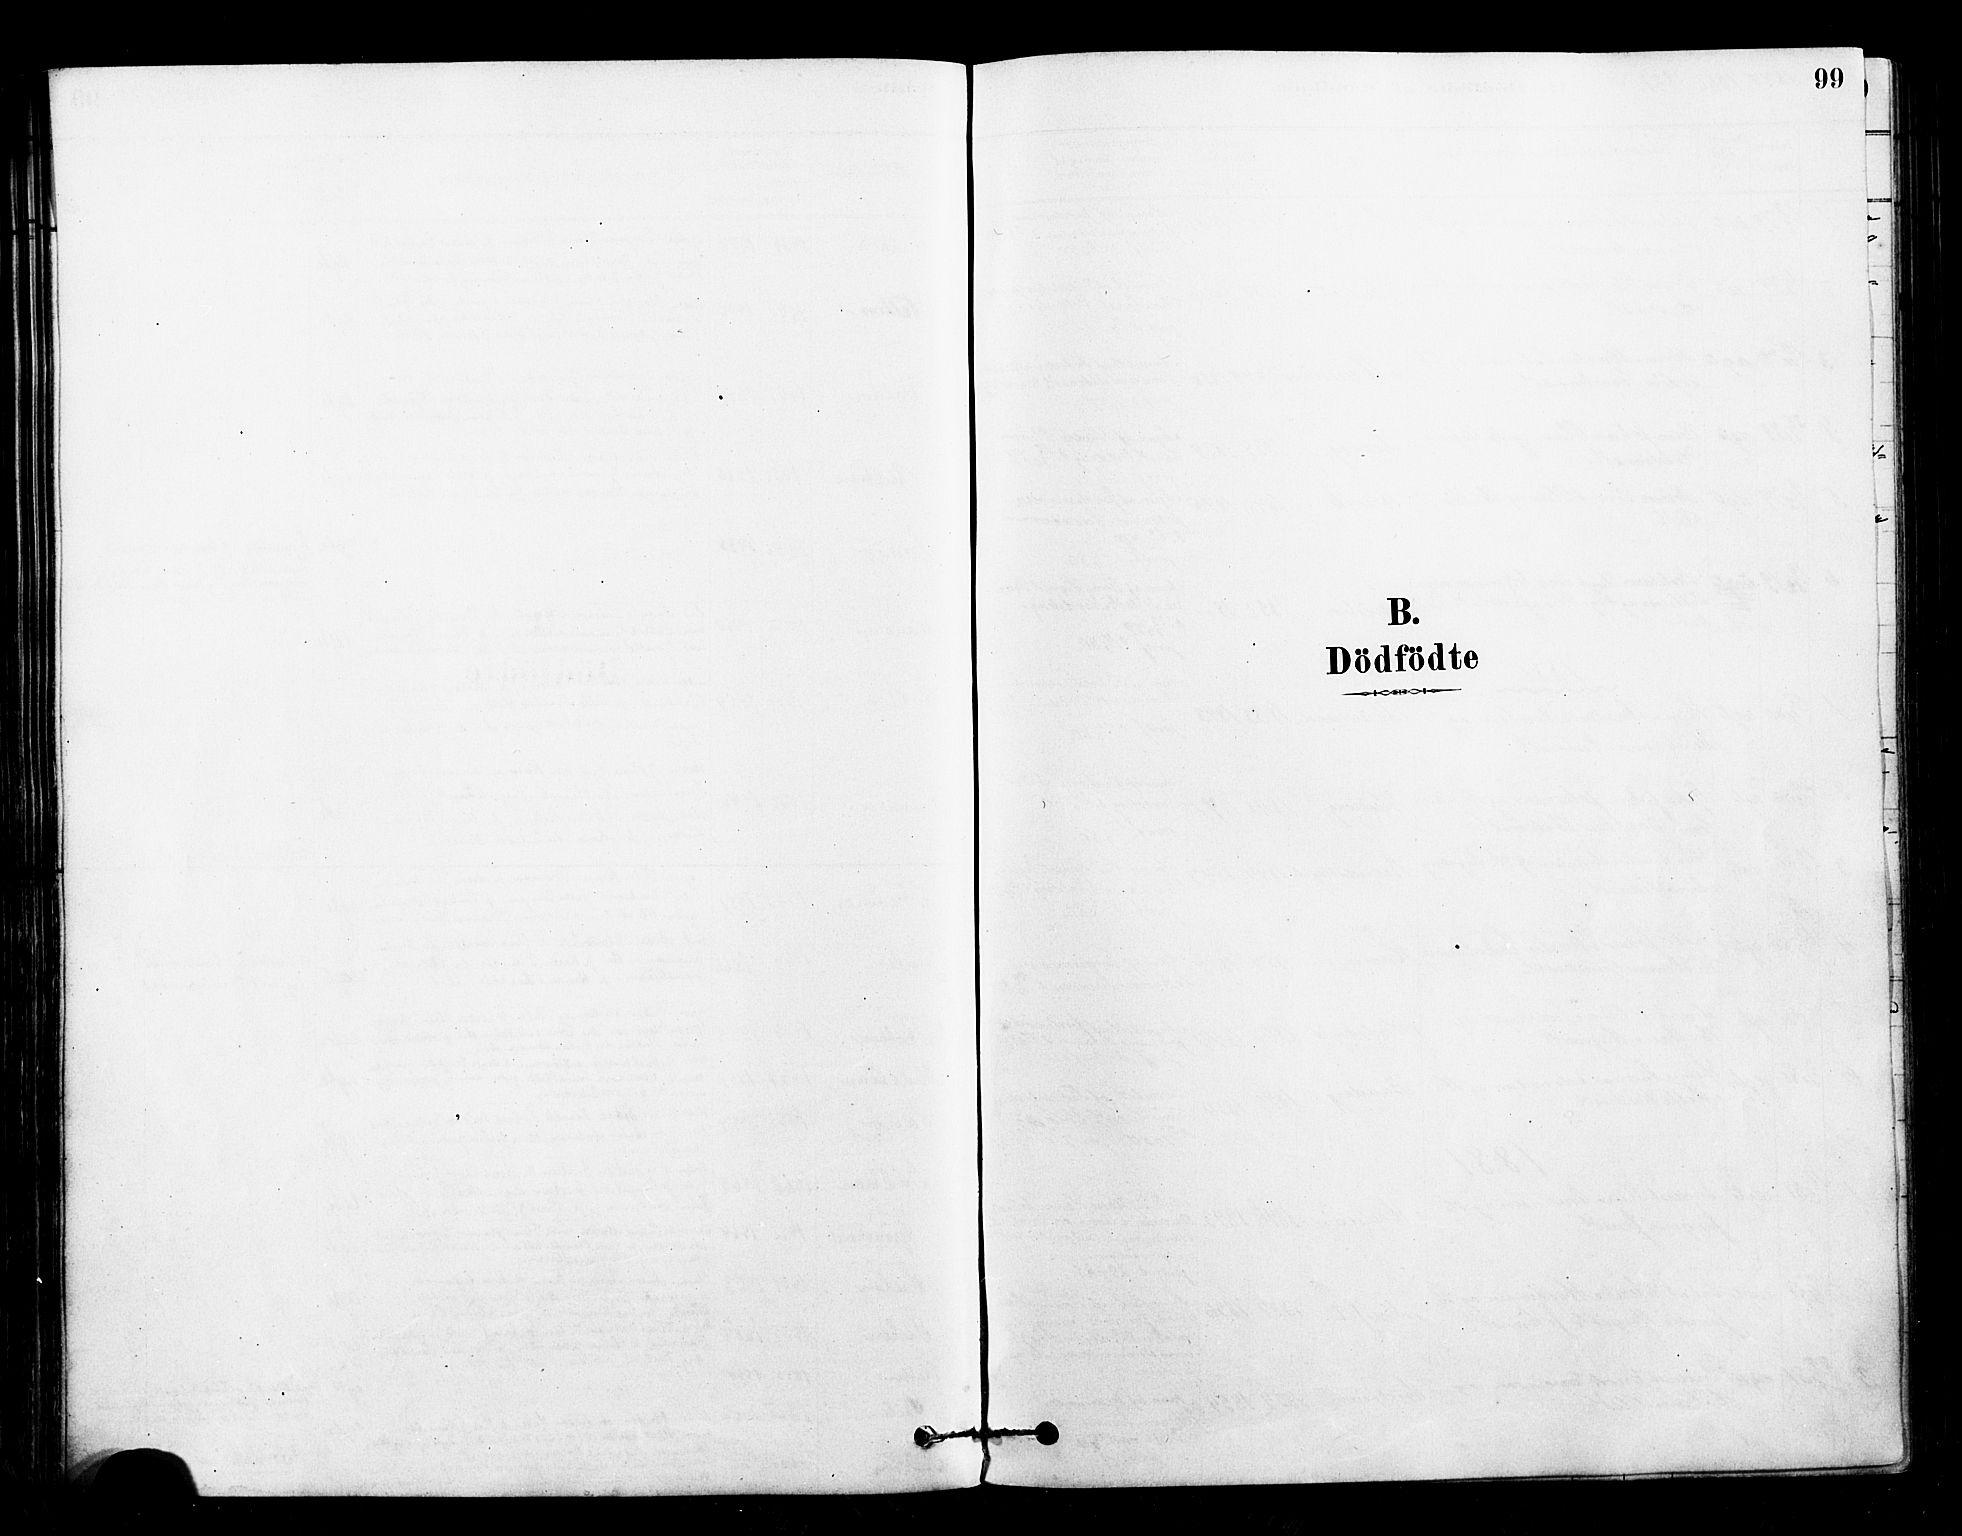 SAT, Ministerialprotokoller, klokkerbøker og fødselsregistre - Sør-Trøndelag, 640/L0578: Ministerialbok nr. 640A03, 1879-1889, s. 99